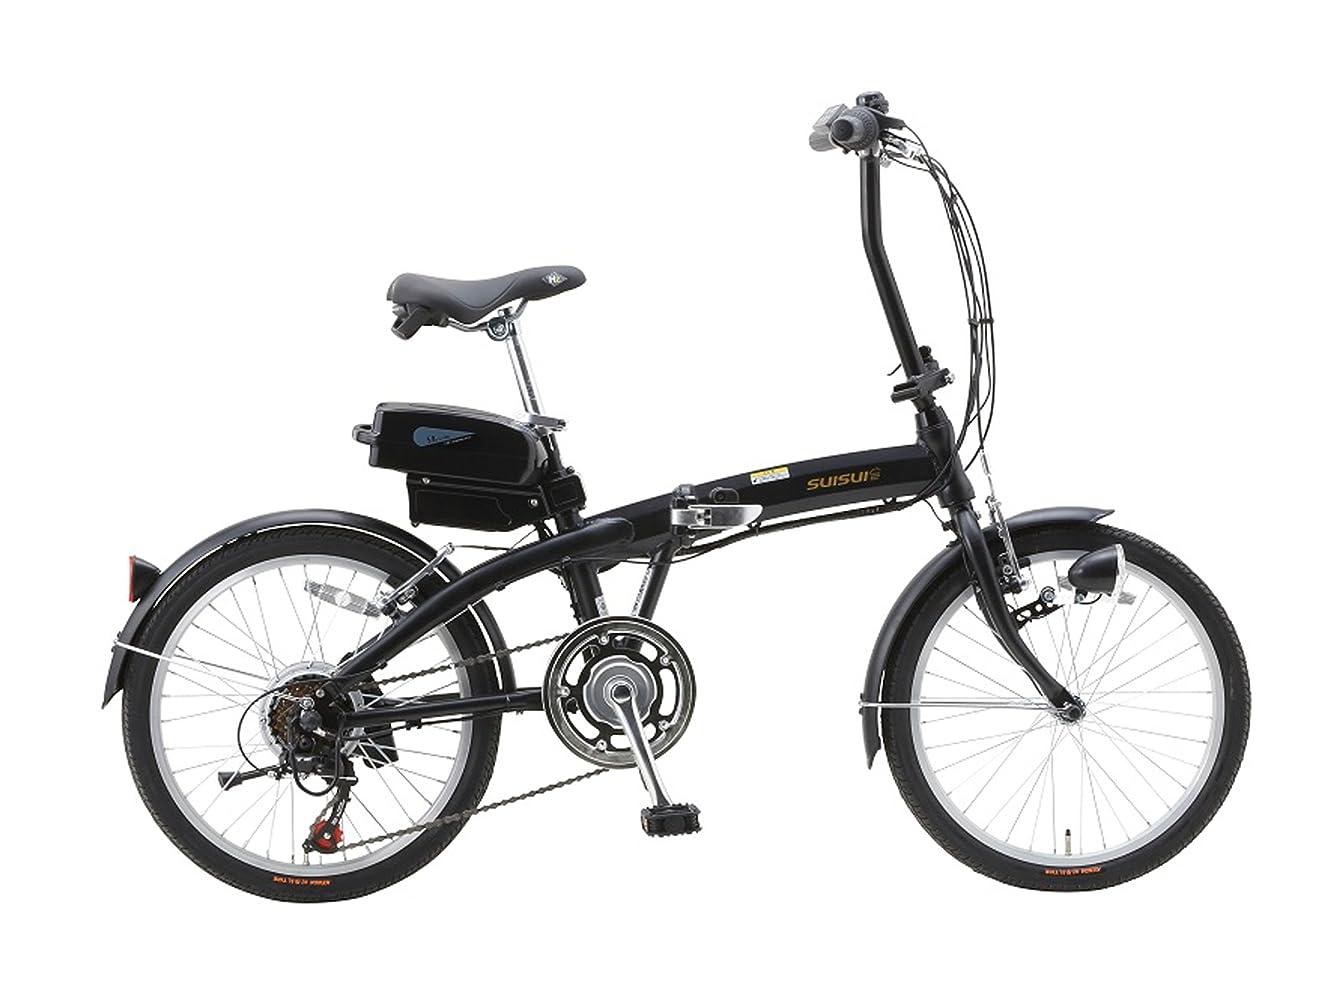 縫う不均一画面SUISUI(スイスイ) 折りたたみ電動アシスト自転車 BM-A30 ブラック 3灯LEDライト付 5.8Ahリチウムイオンバッテリー搭載 20インチ 6段変速 アルミフレーム 28473-0123